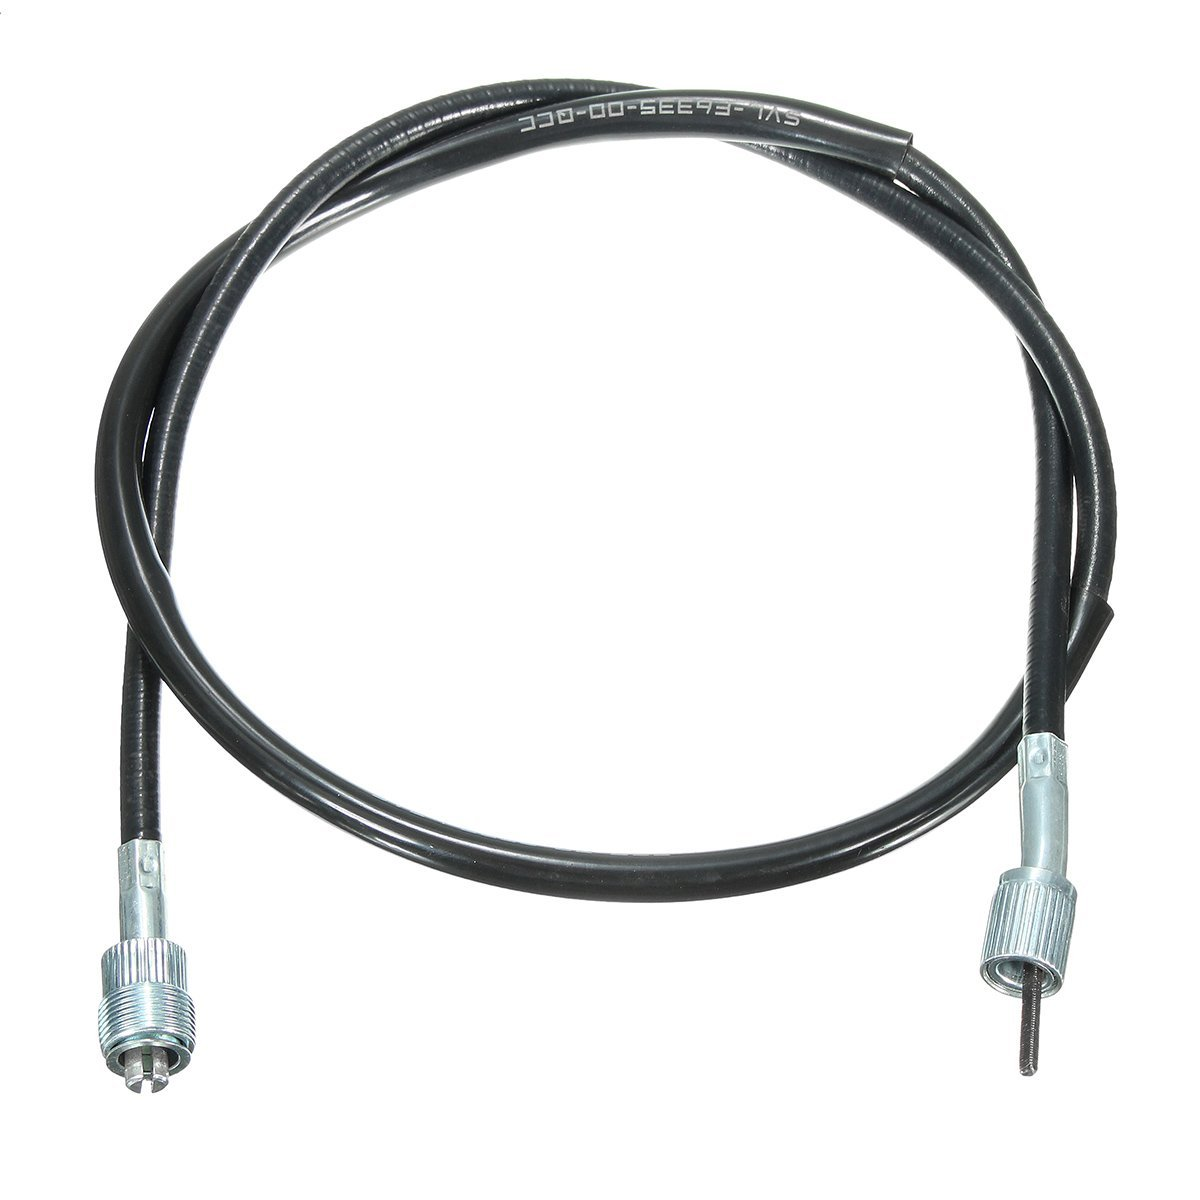 1990-1995 Suzuki GSXR 750 Speedometer Cable